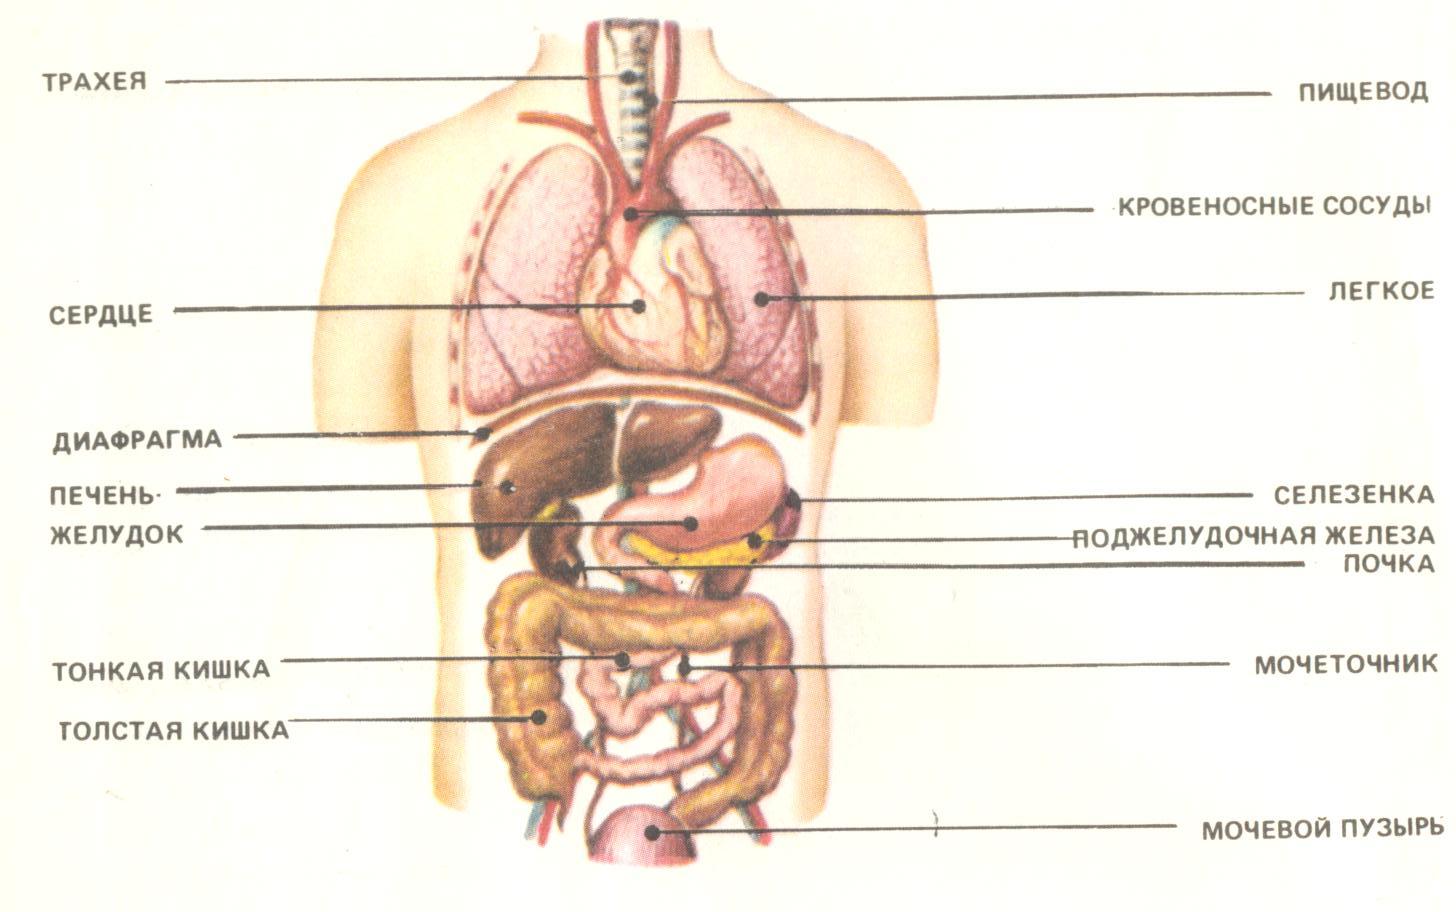 Сперма шея пищевод клитор